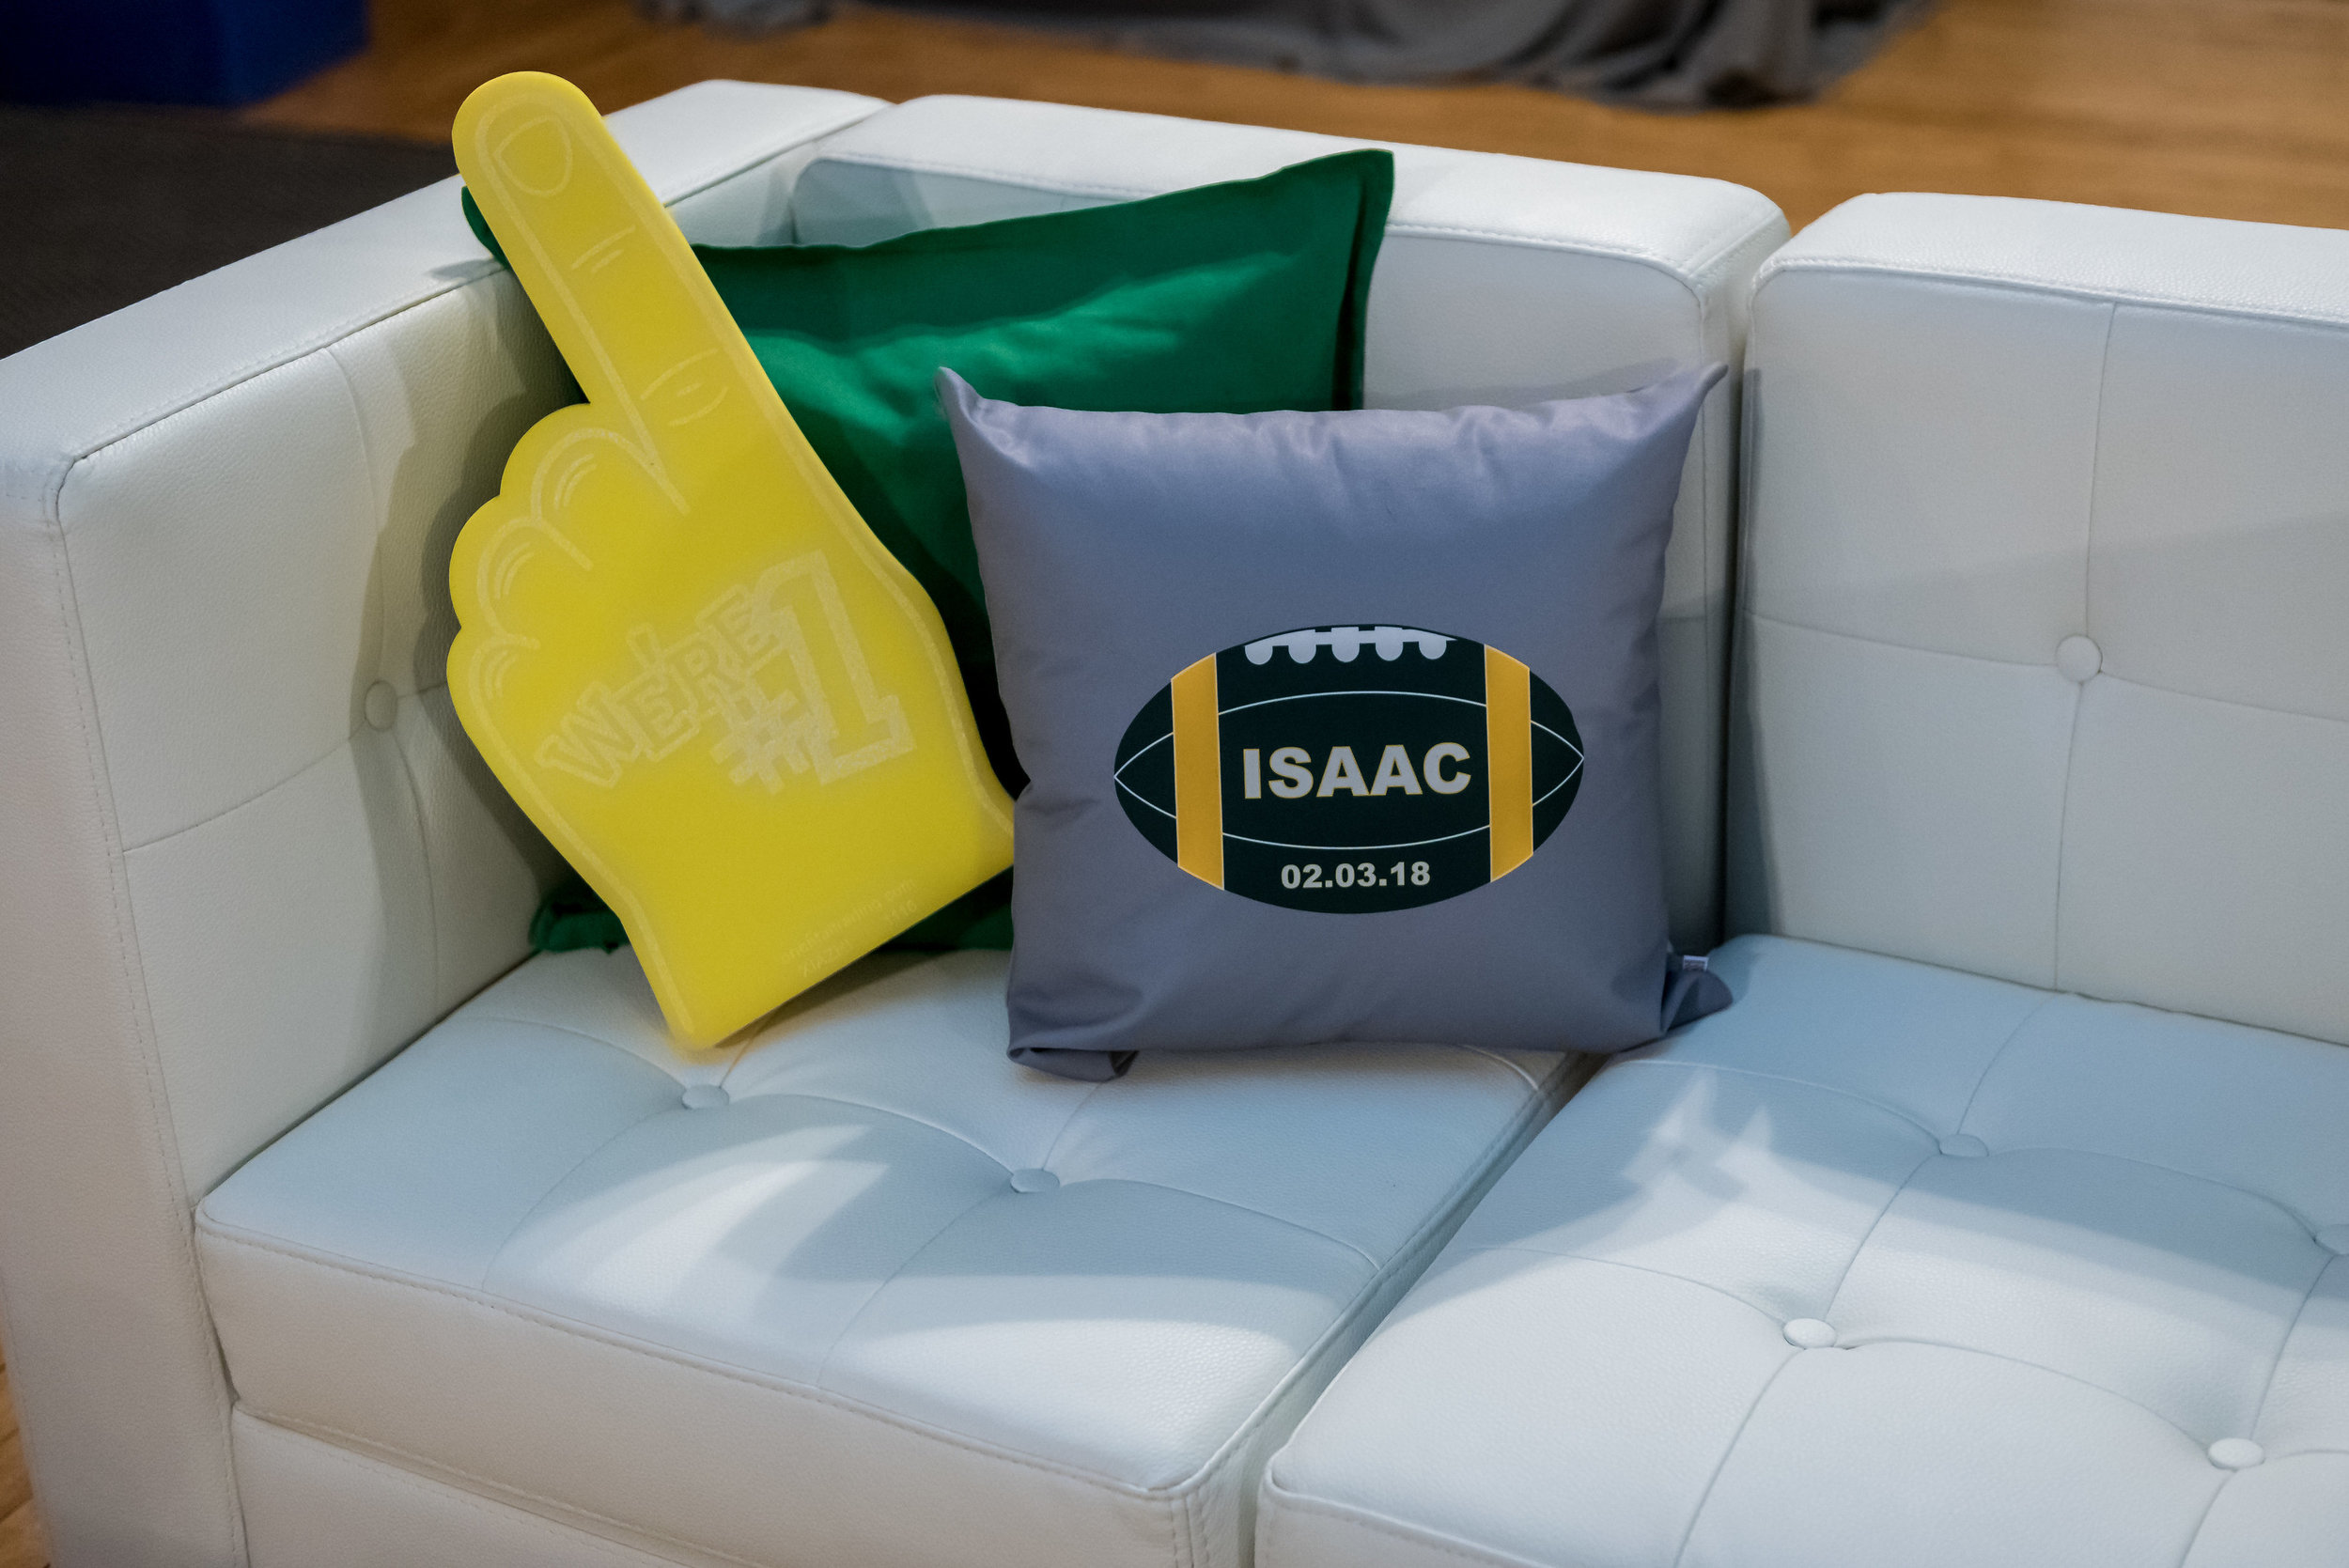 IssacSch-1064.jpg